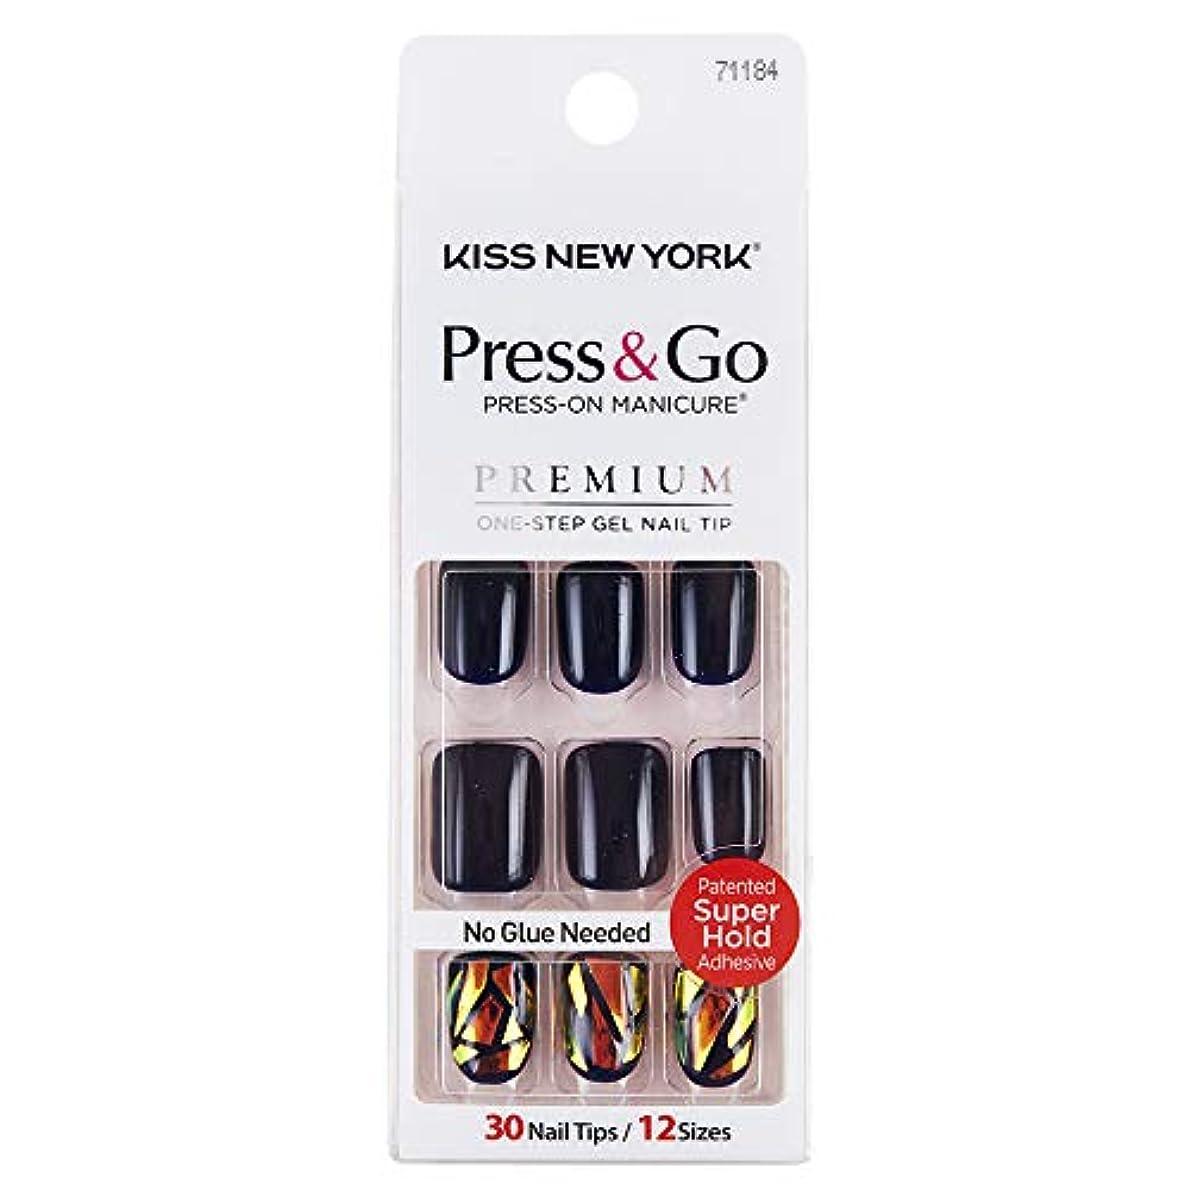 対処するゴネリル極小キスニューヨーク (KISS NEW YORK) KISS NEWYORK ネイルチップPress&Go BIPA050J 19g